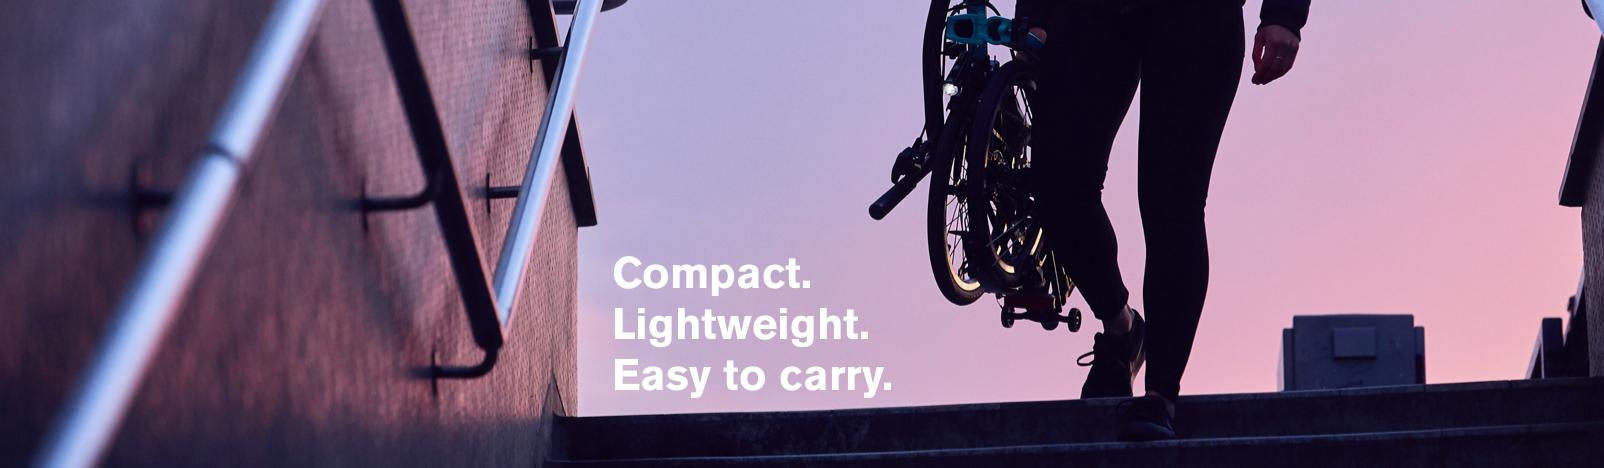 Brompton Bicycle, compact folding bike, lightweight folding bike, easy to carry folding bike